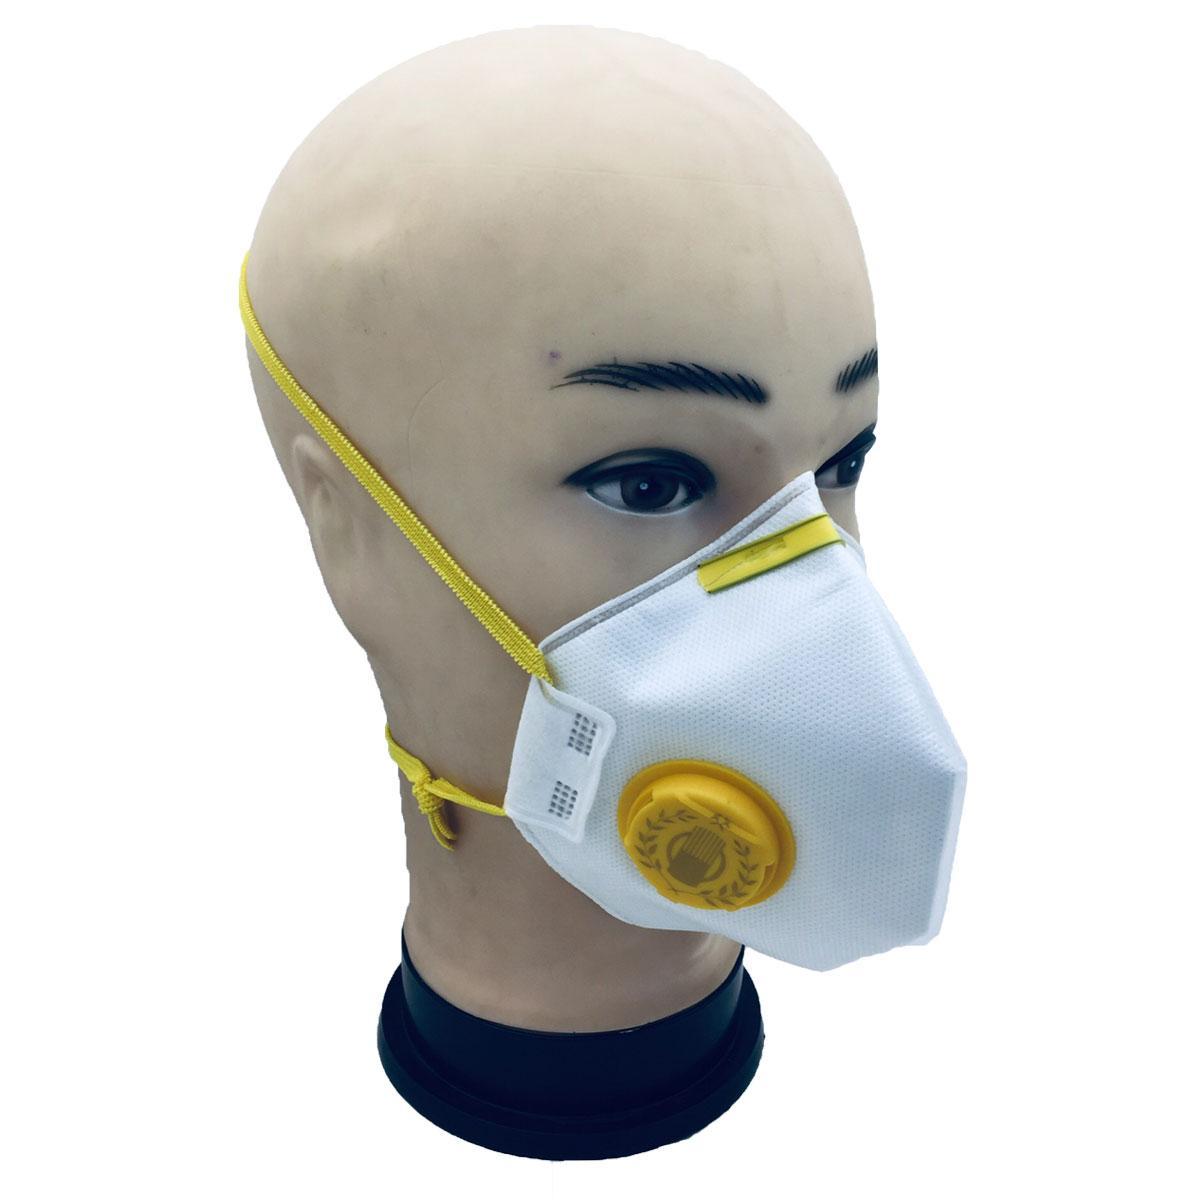 Респиратор маска РОСТОК 2 П-К с клапаном выхода степень защиты FFP2